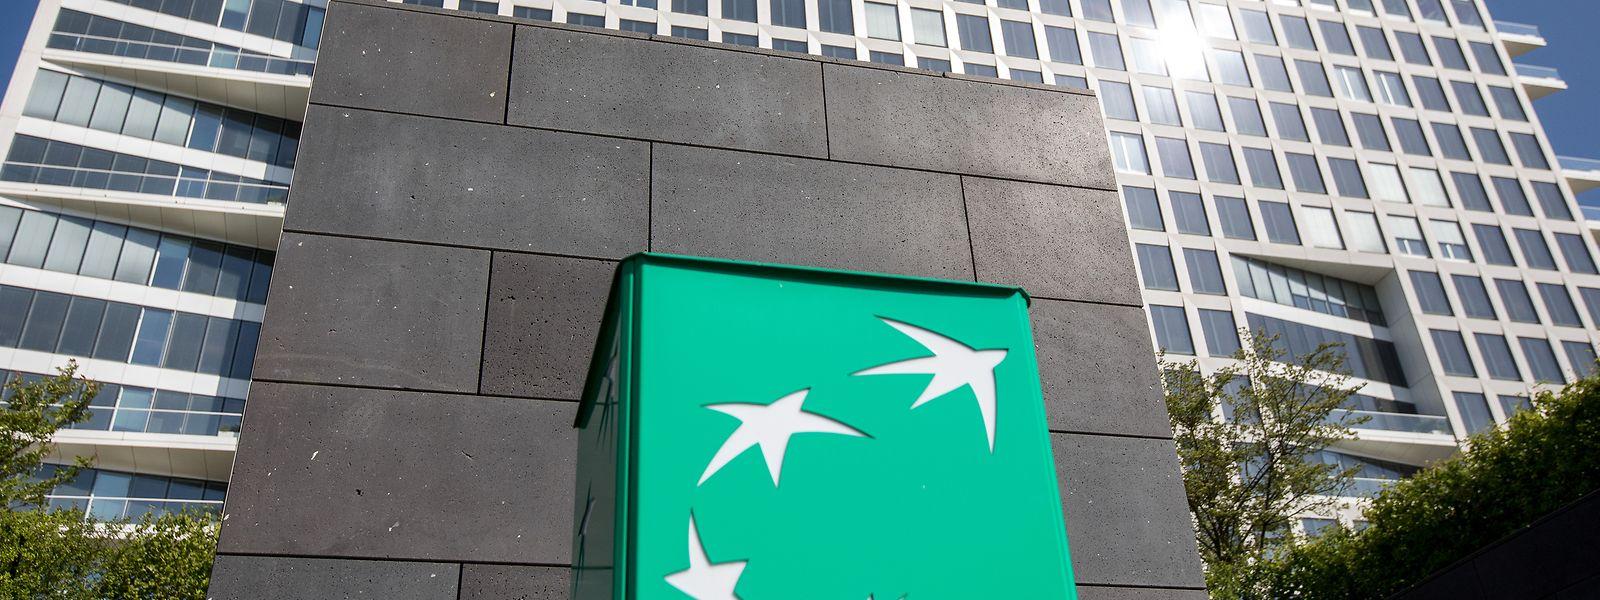 Die Bank hat einen Teil ihrer Mitarbeiter in verschiedenen Betriebsgebäuden aufgeteilt.